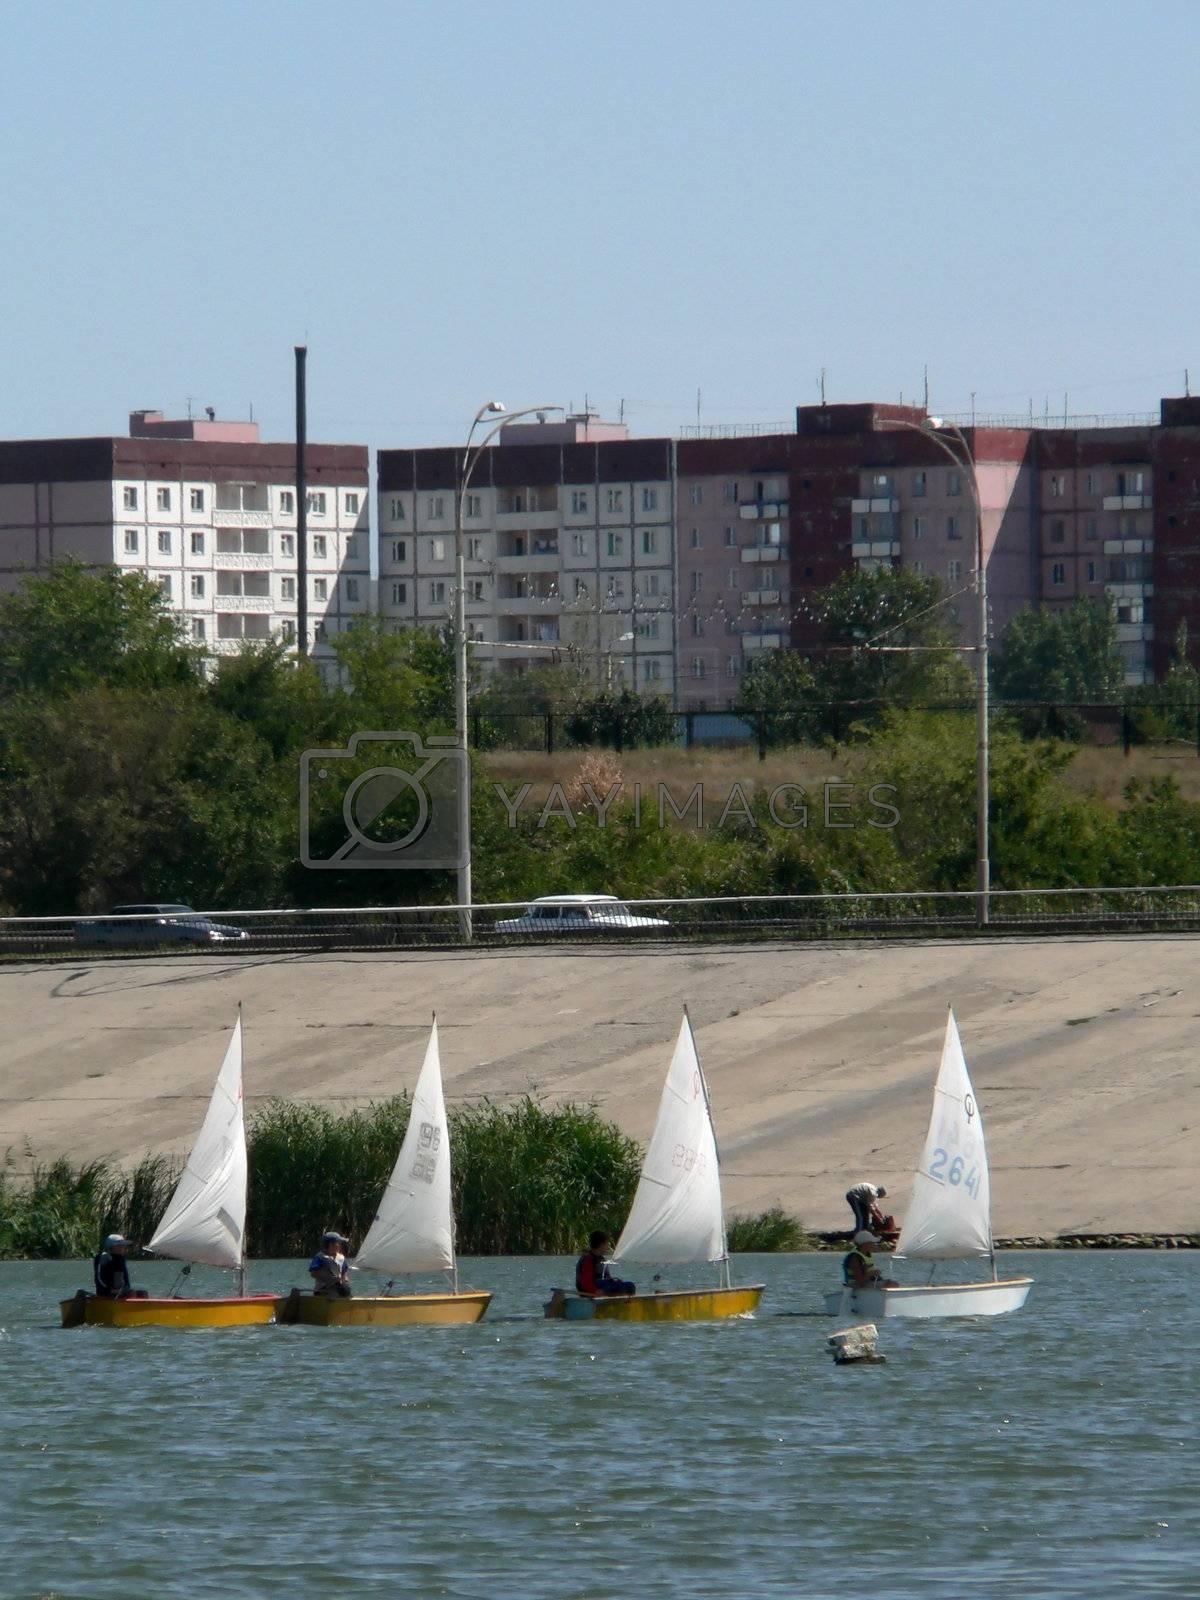 Sailing regatta on lake